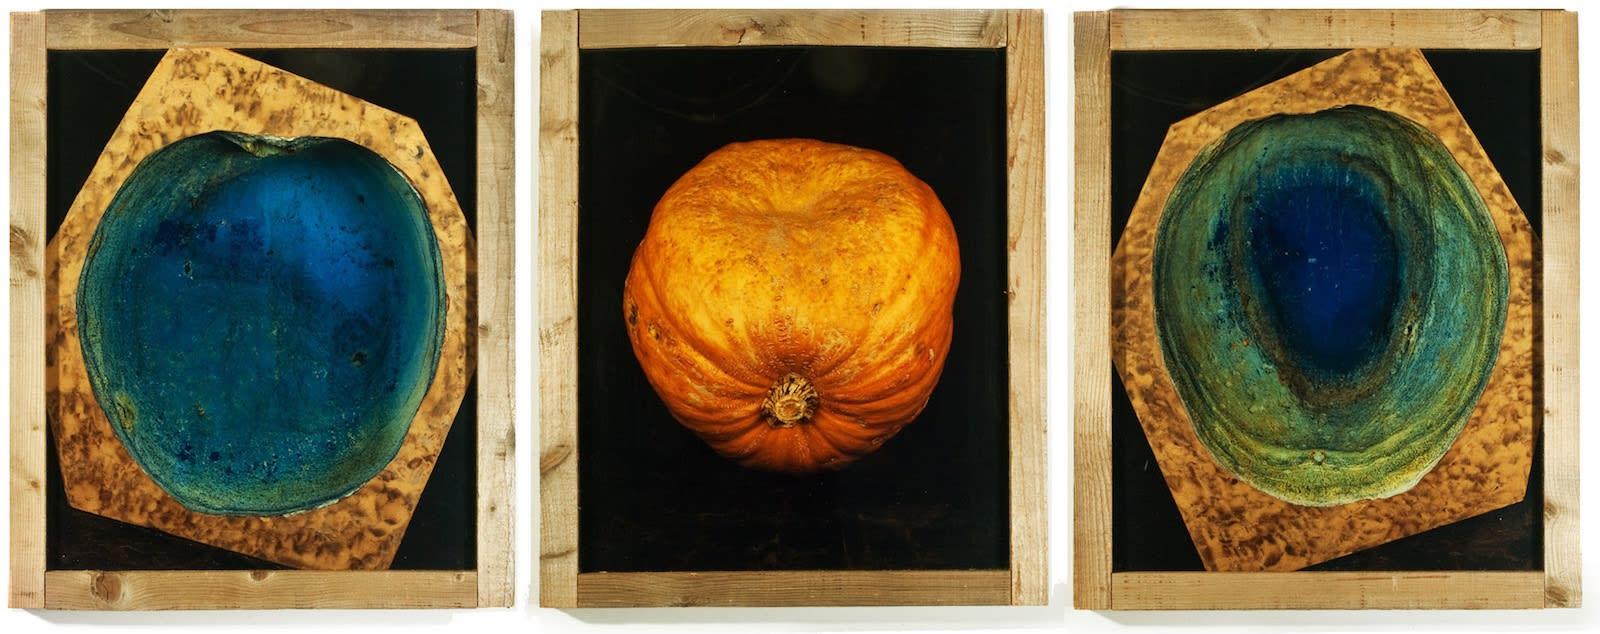 Pascal Kern, Nature, 1990